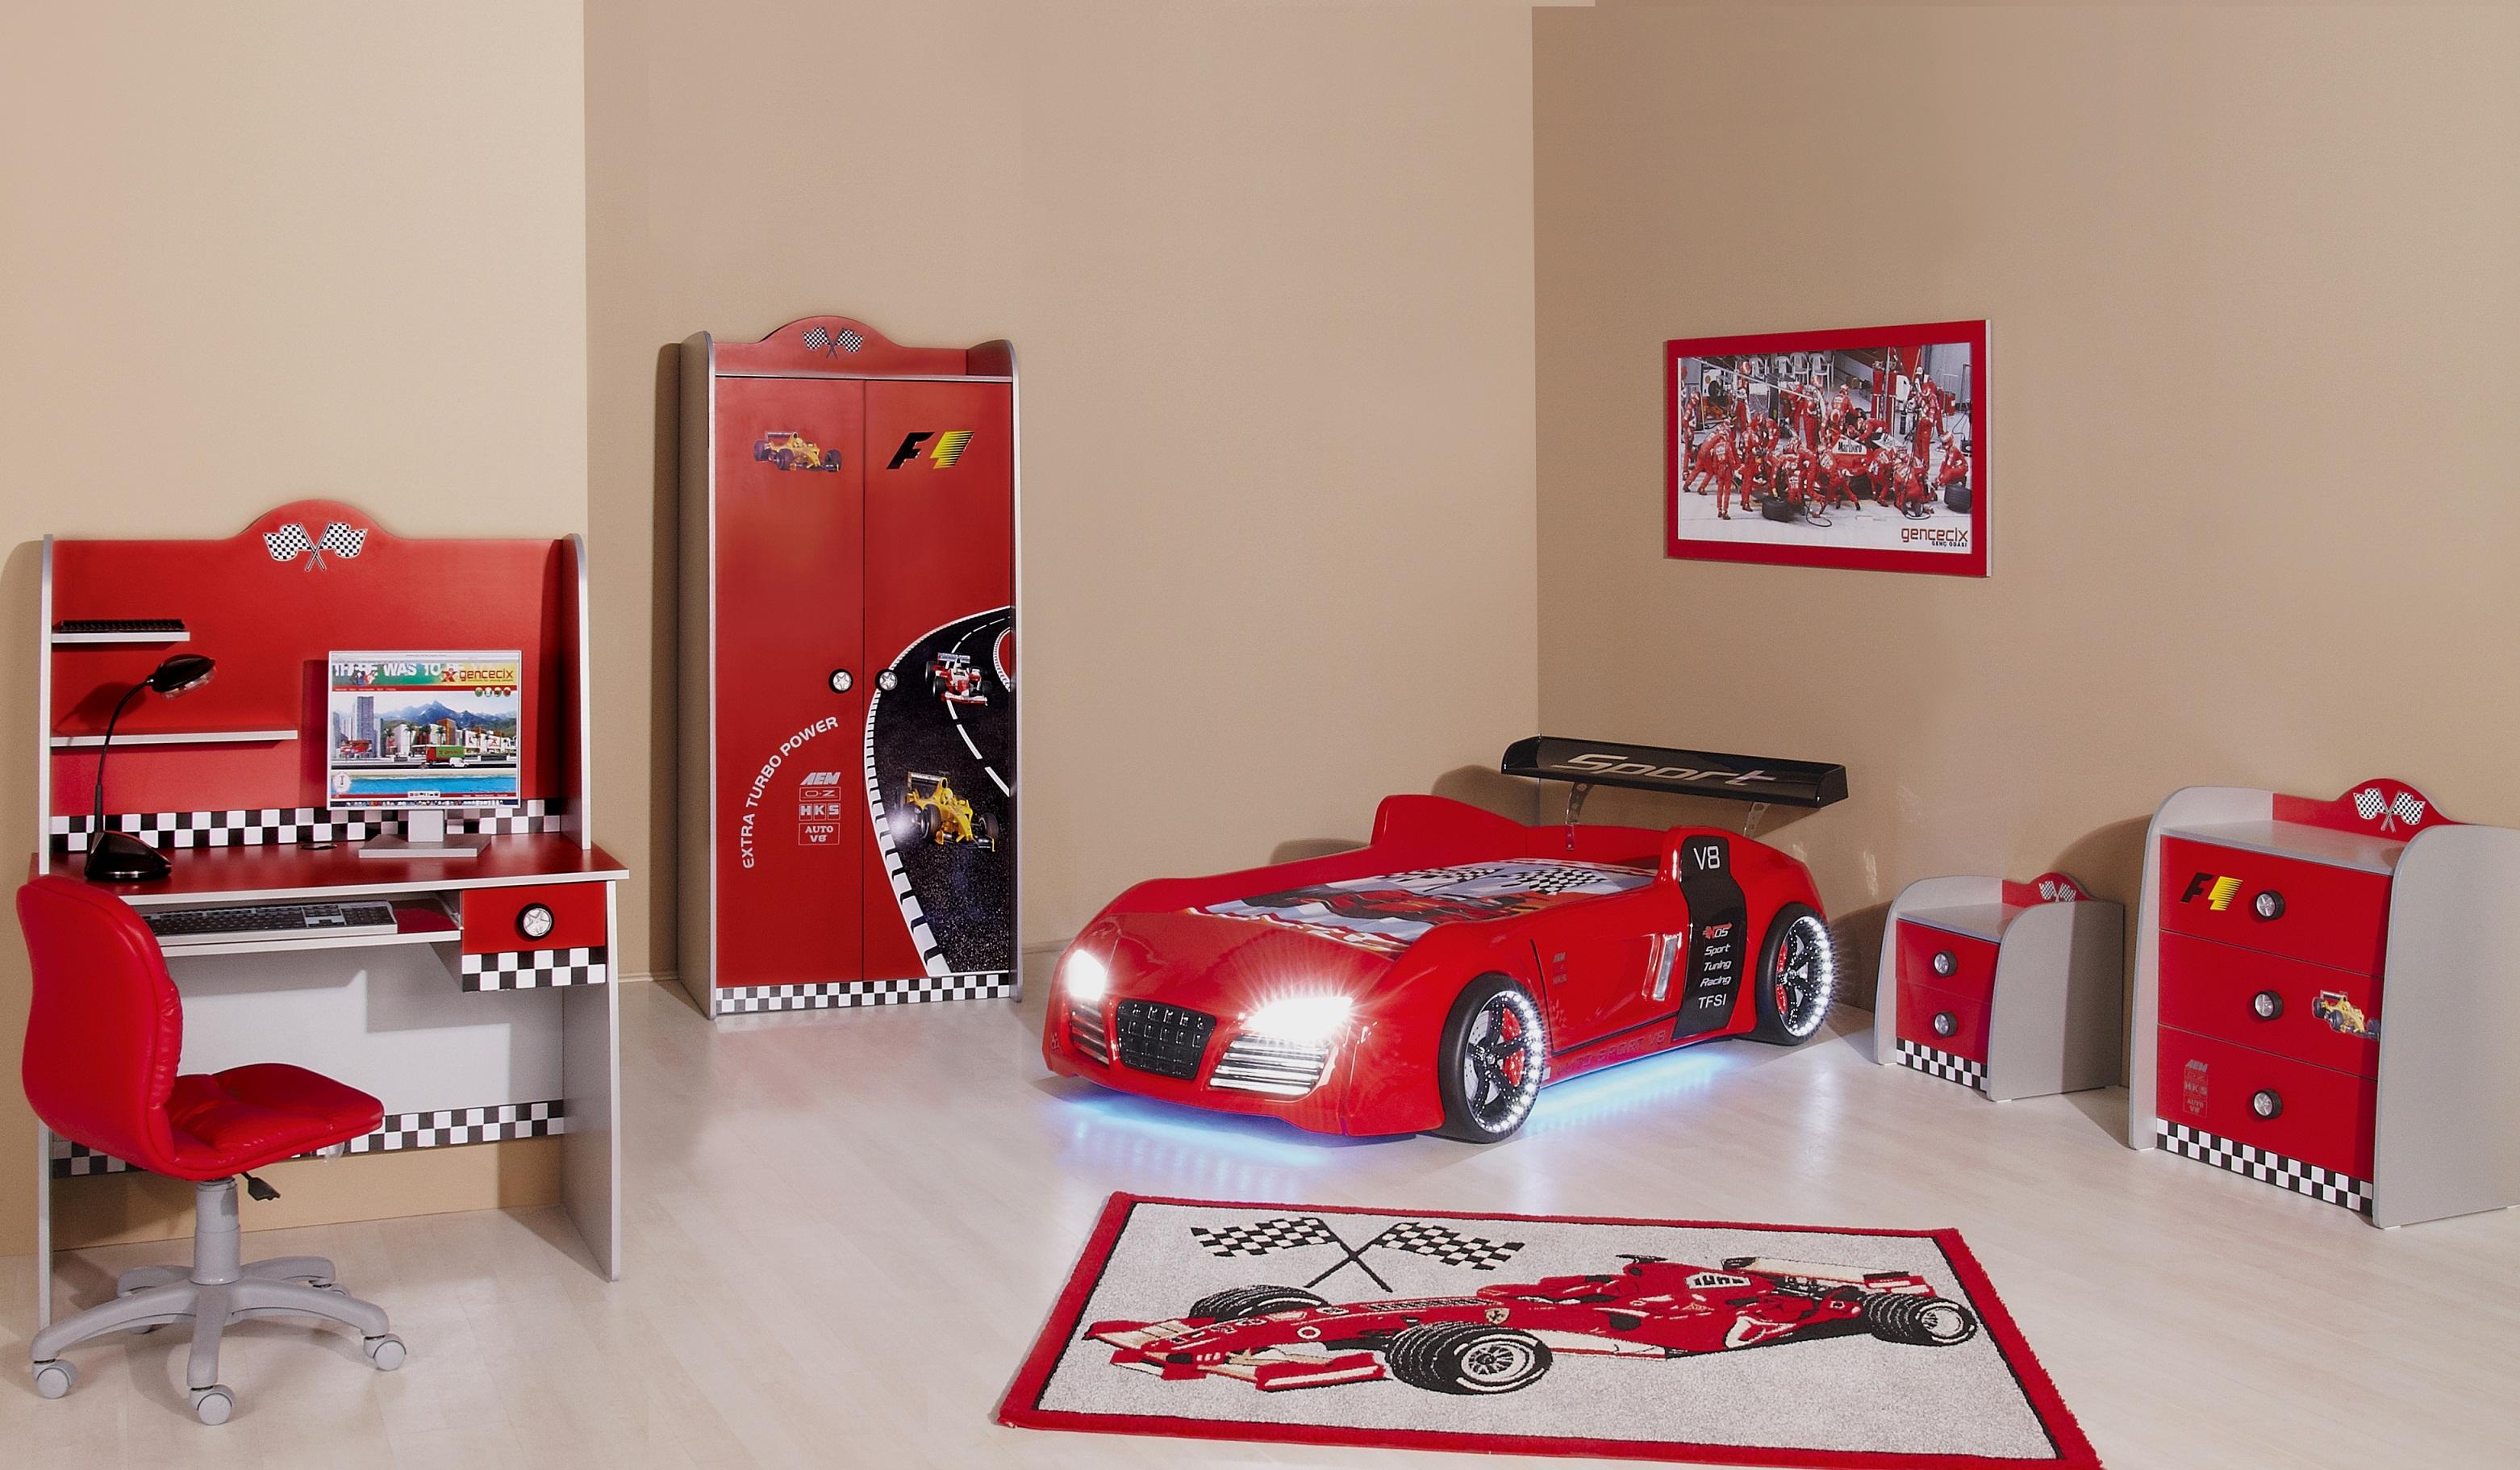 Rennwagen Kinderbett Auto für Junge Bub  eBay